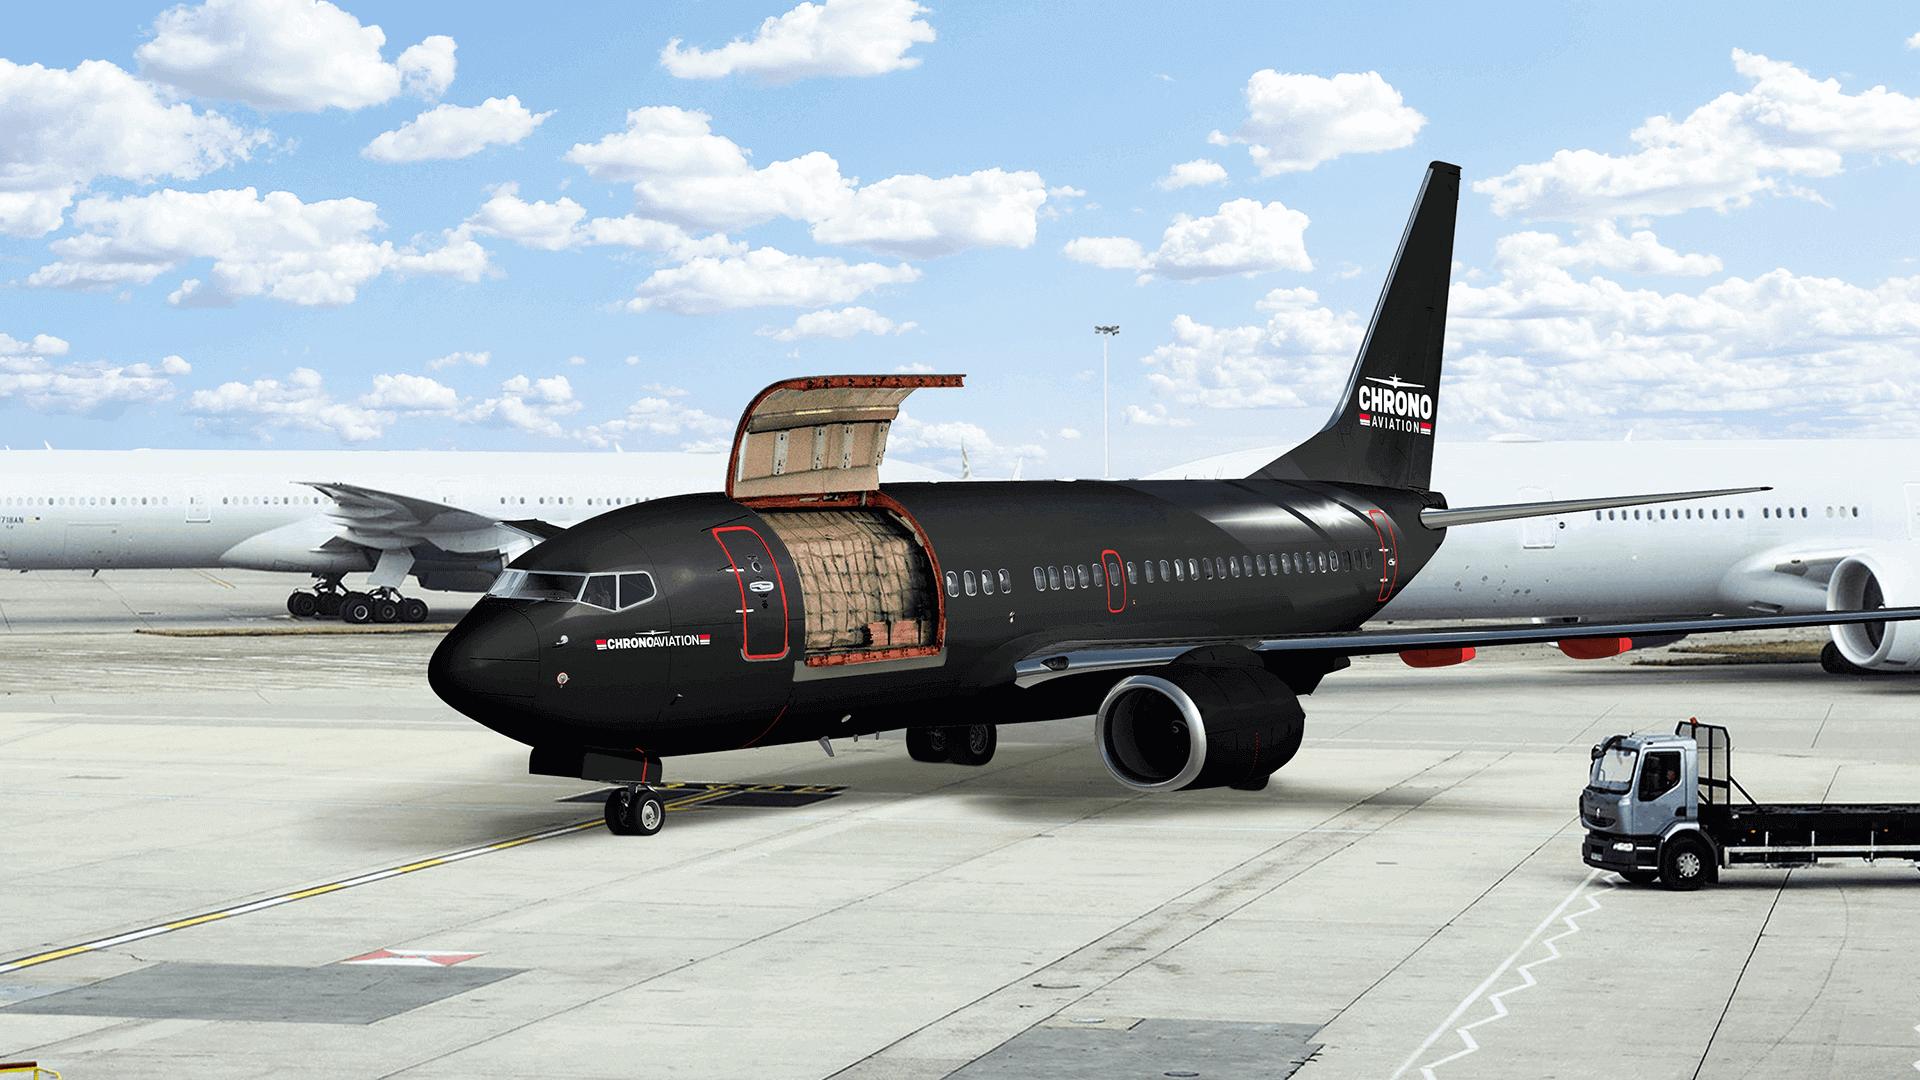 Identité visuelle   Chargement d'un Boeing 737   Chrono Aviation